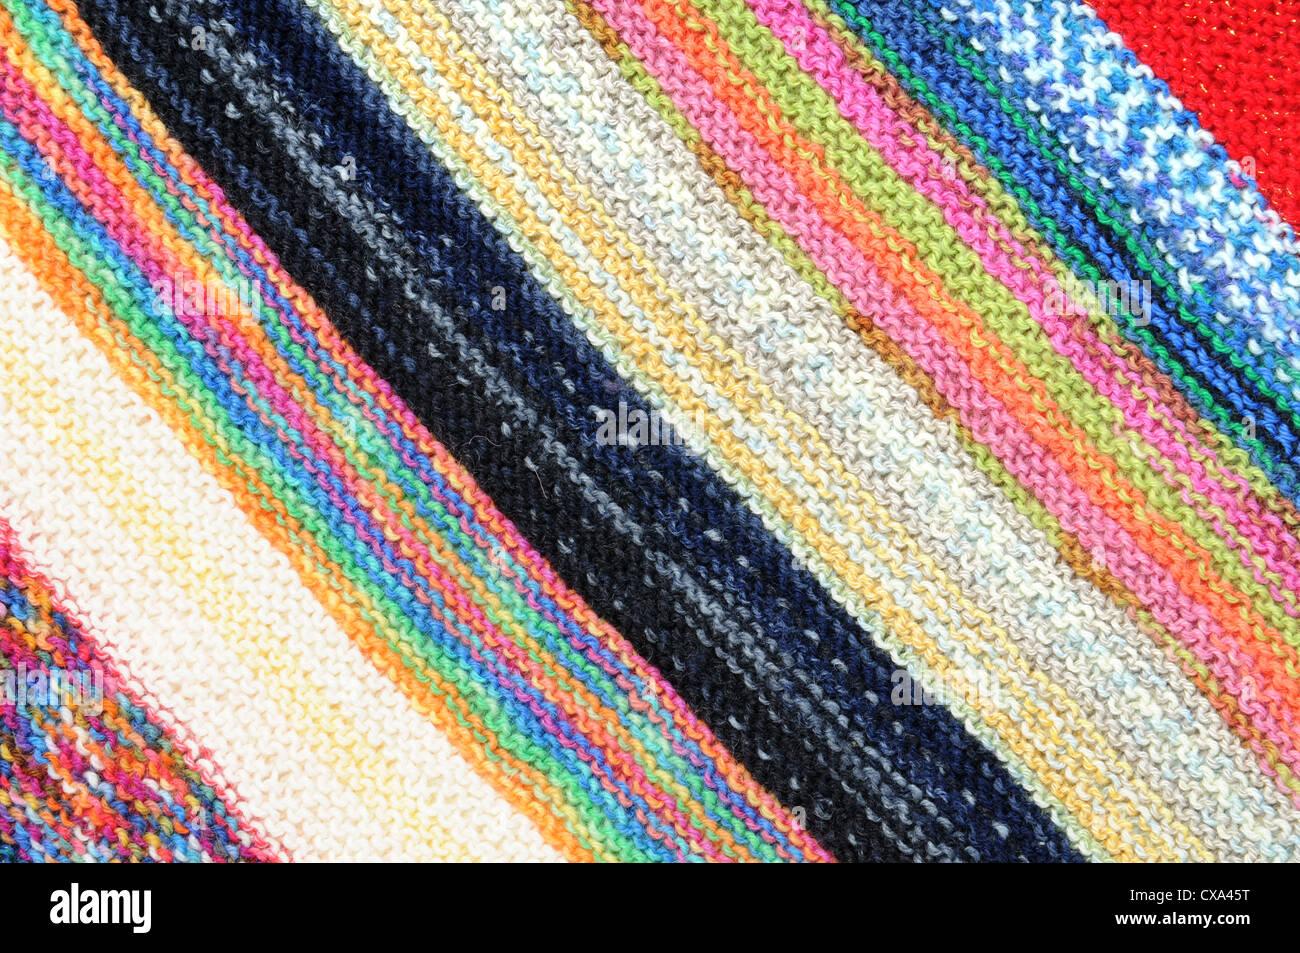 La laine dans un motif coloré Banque D'Images